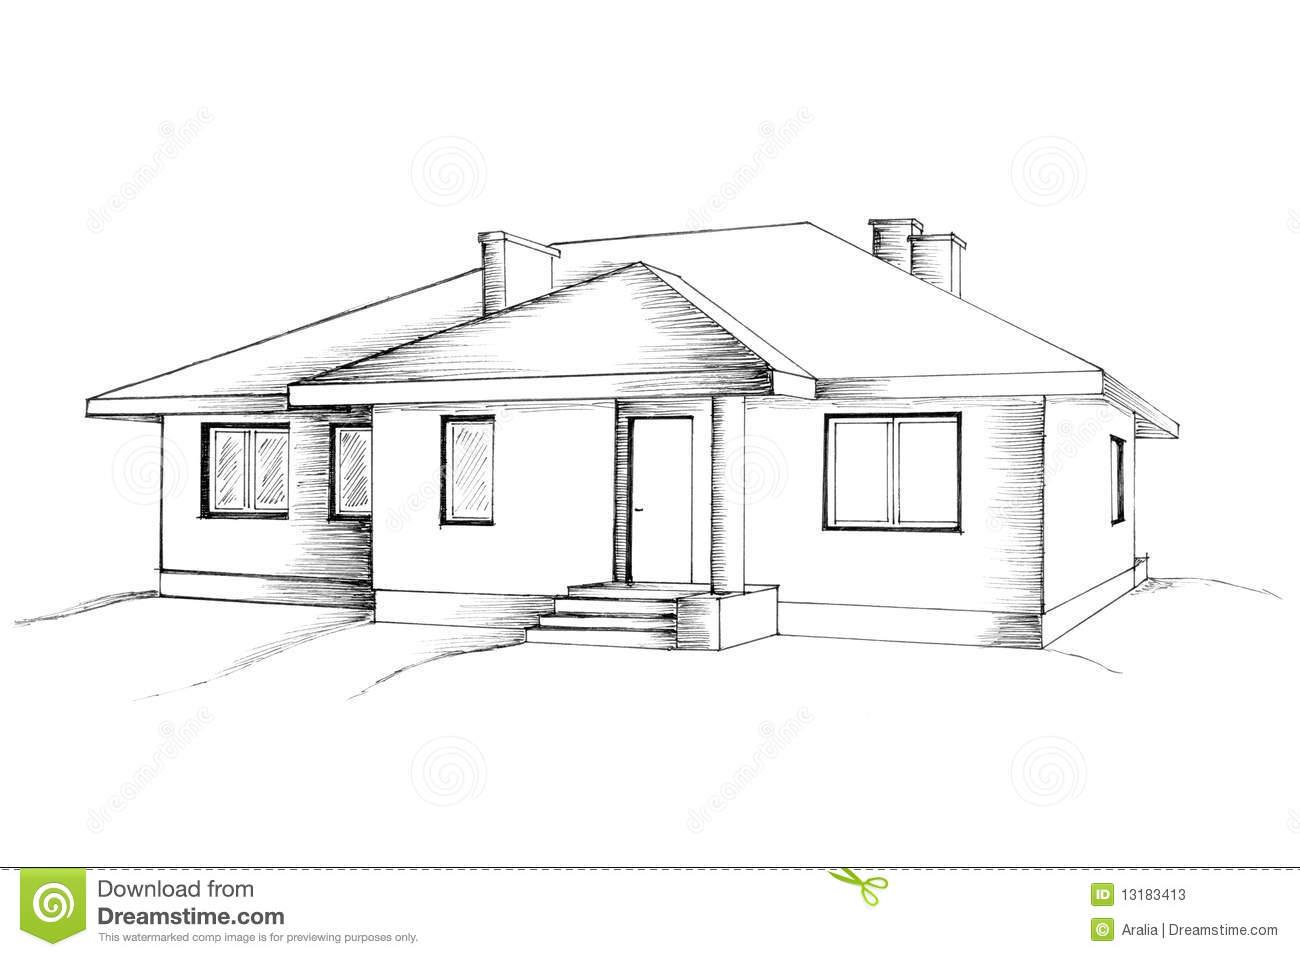 Casas em desenho for Huizen tekenen